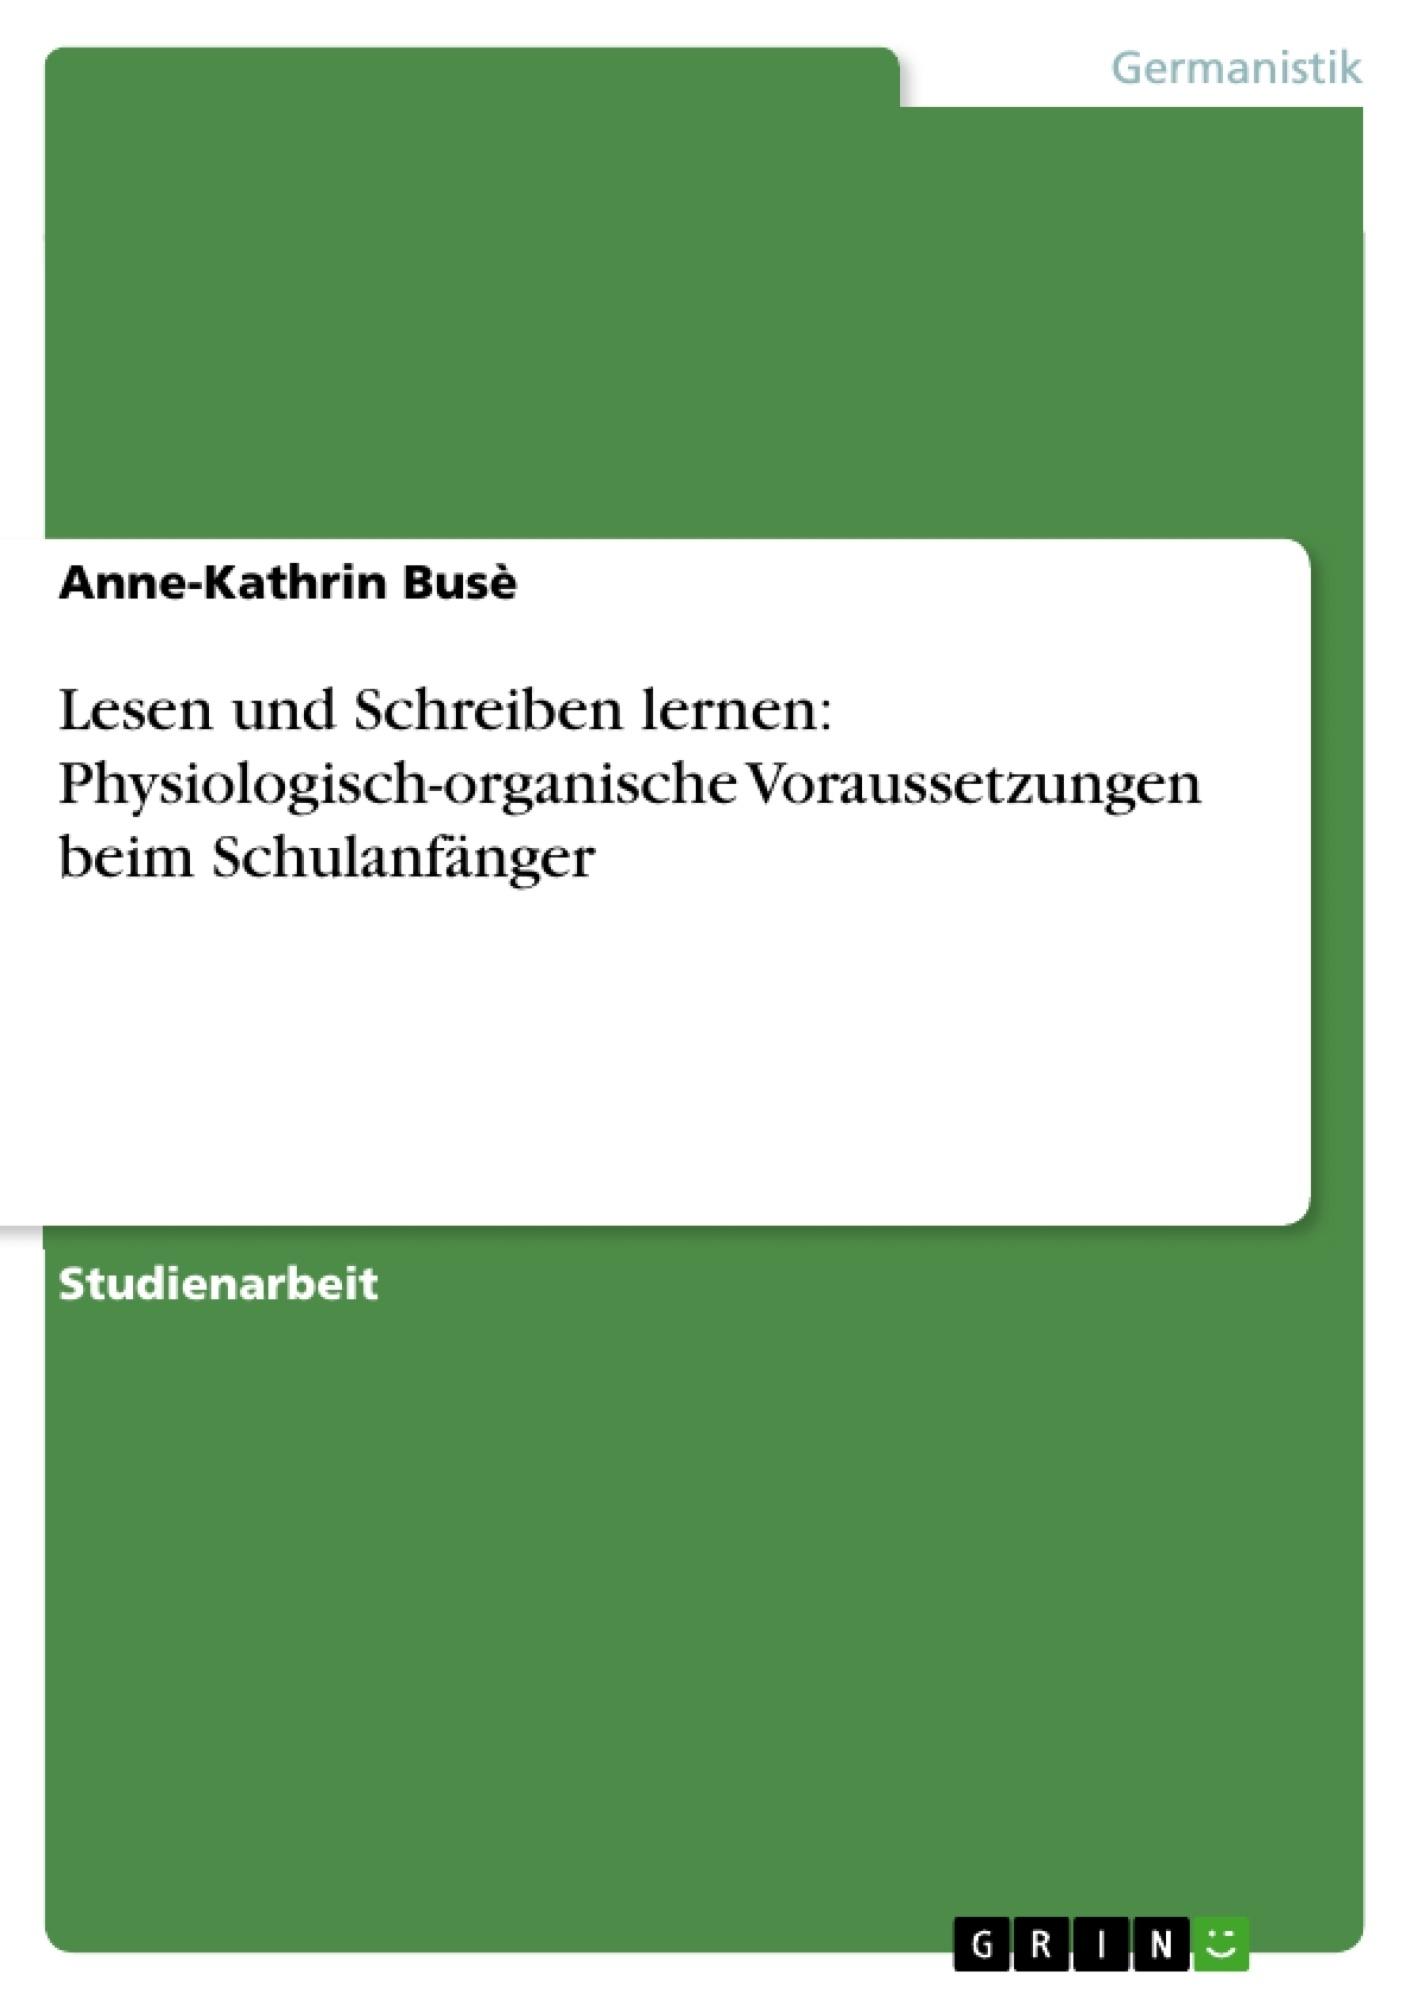 Titel: Lesen und Schreiben lernen: Physiologisch-organische Voraussetzungen beim Schulanfänger